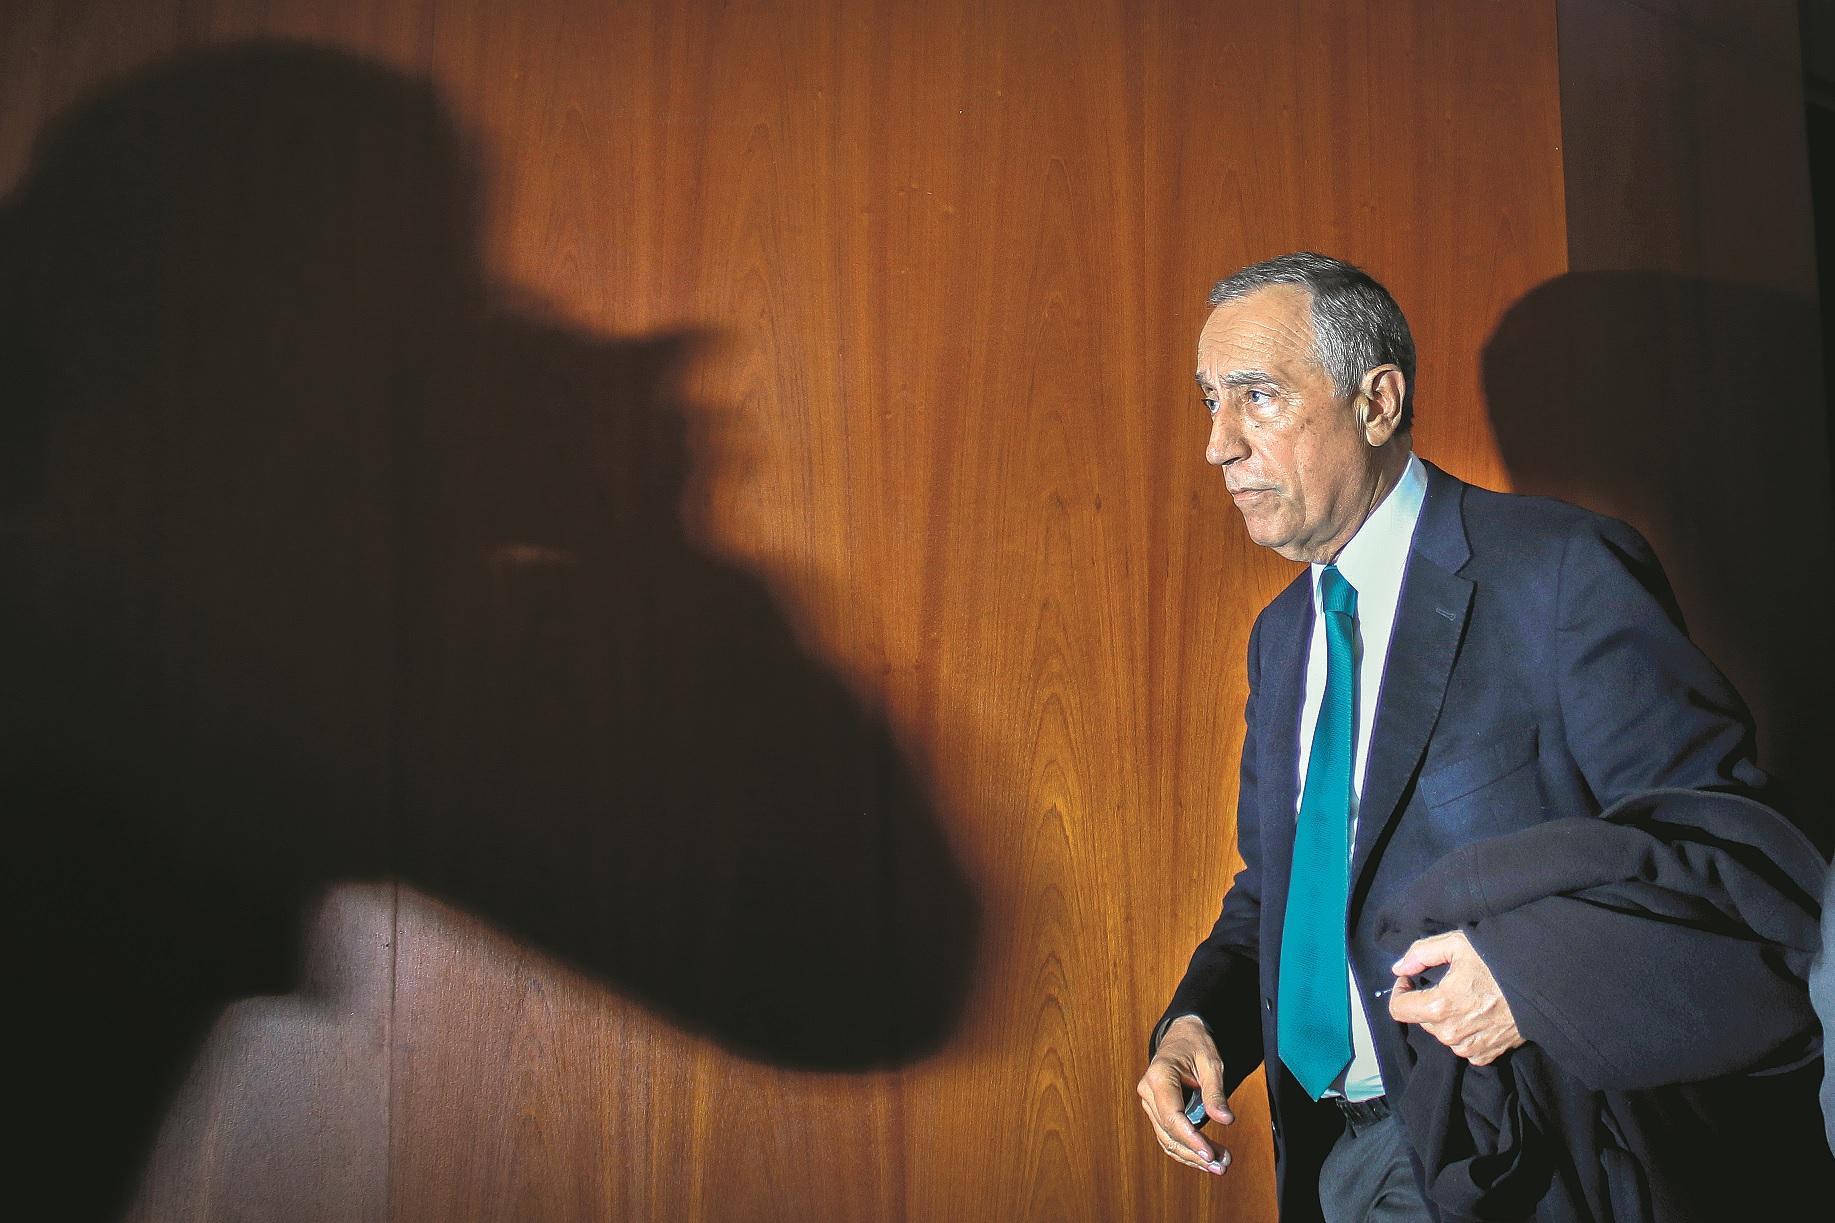 Marcelo admite veto a lei que altera financiamento dos partidos